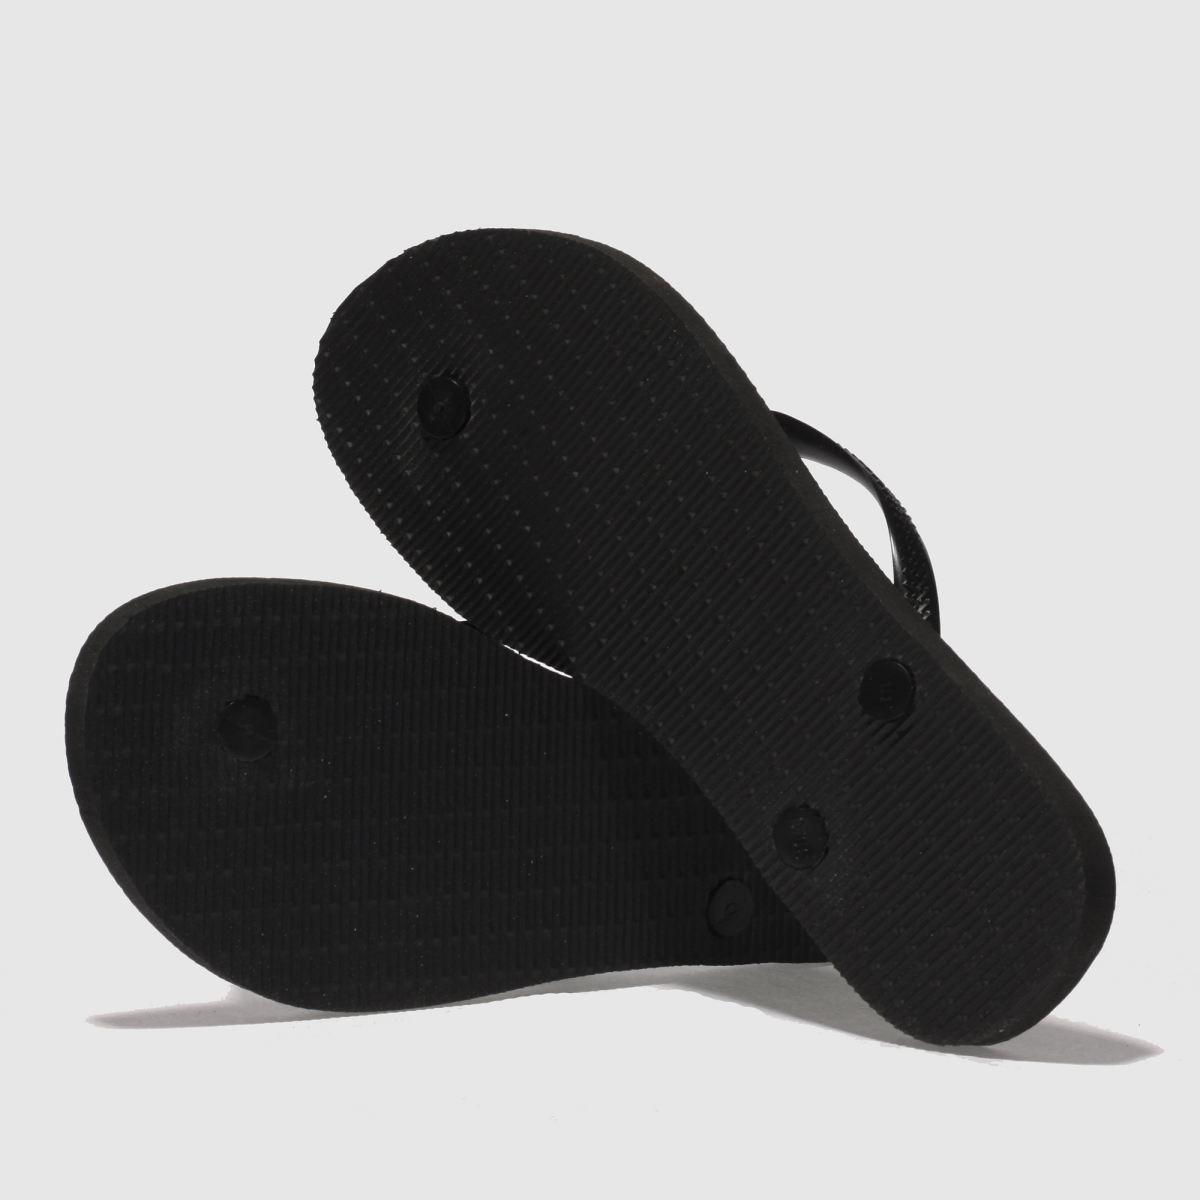 Damen Schwarz Sandalen havaianas Slim Logo Metallic Sandalen Schwarz | schuh Gute Qualität beliebte Schuhe 303b5e